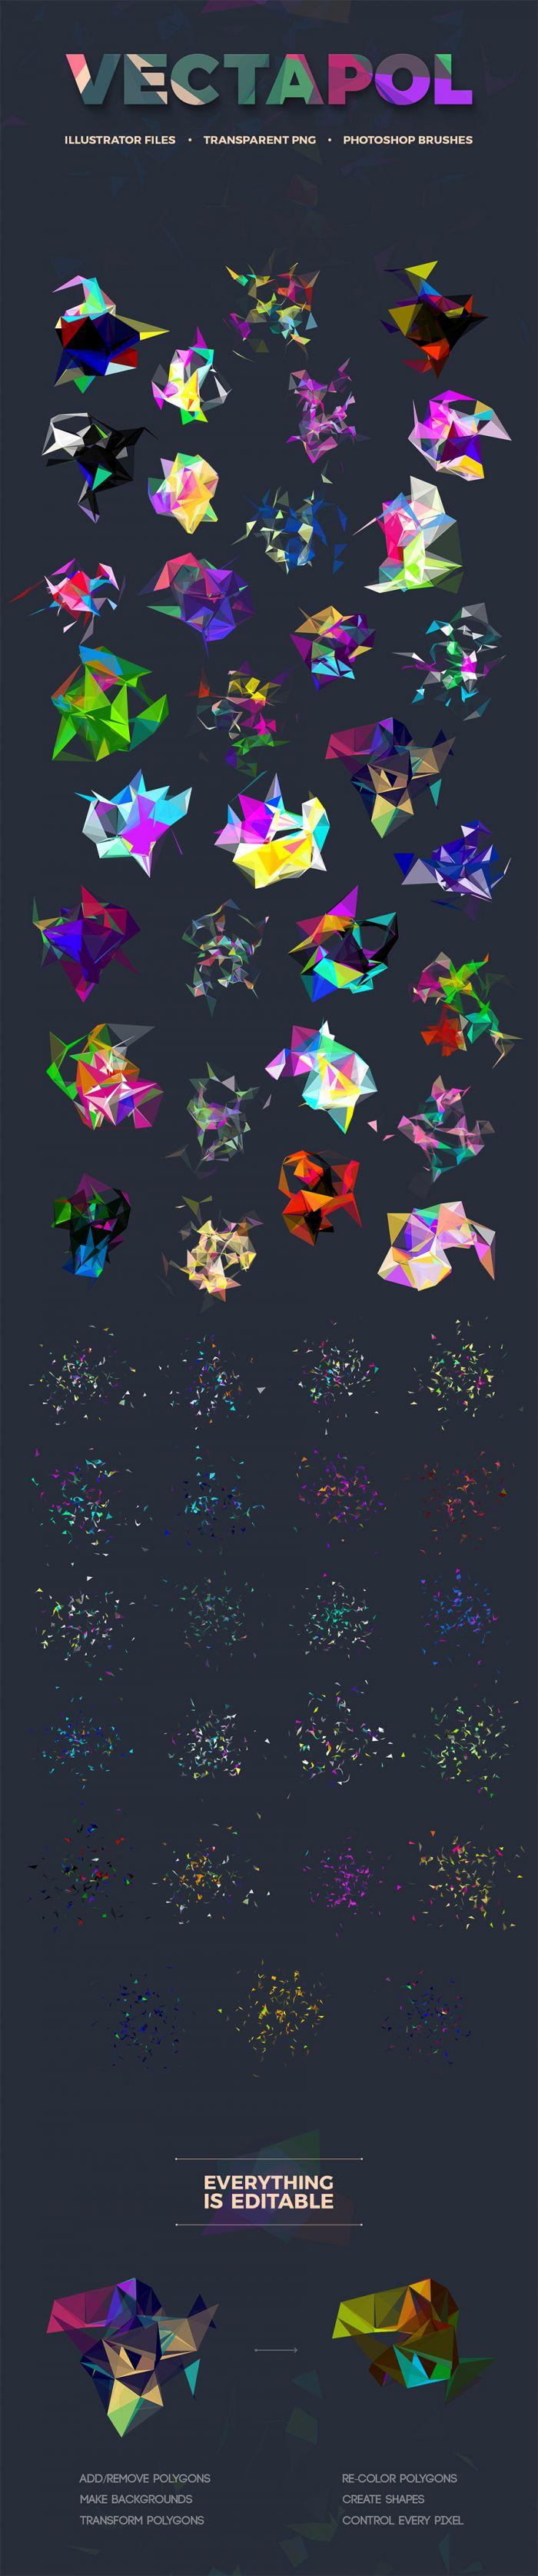 30 Free Vector Polygon (.Eps + .Png) скачать бесплатно